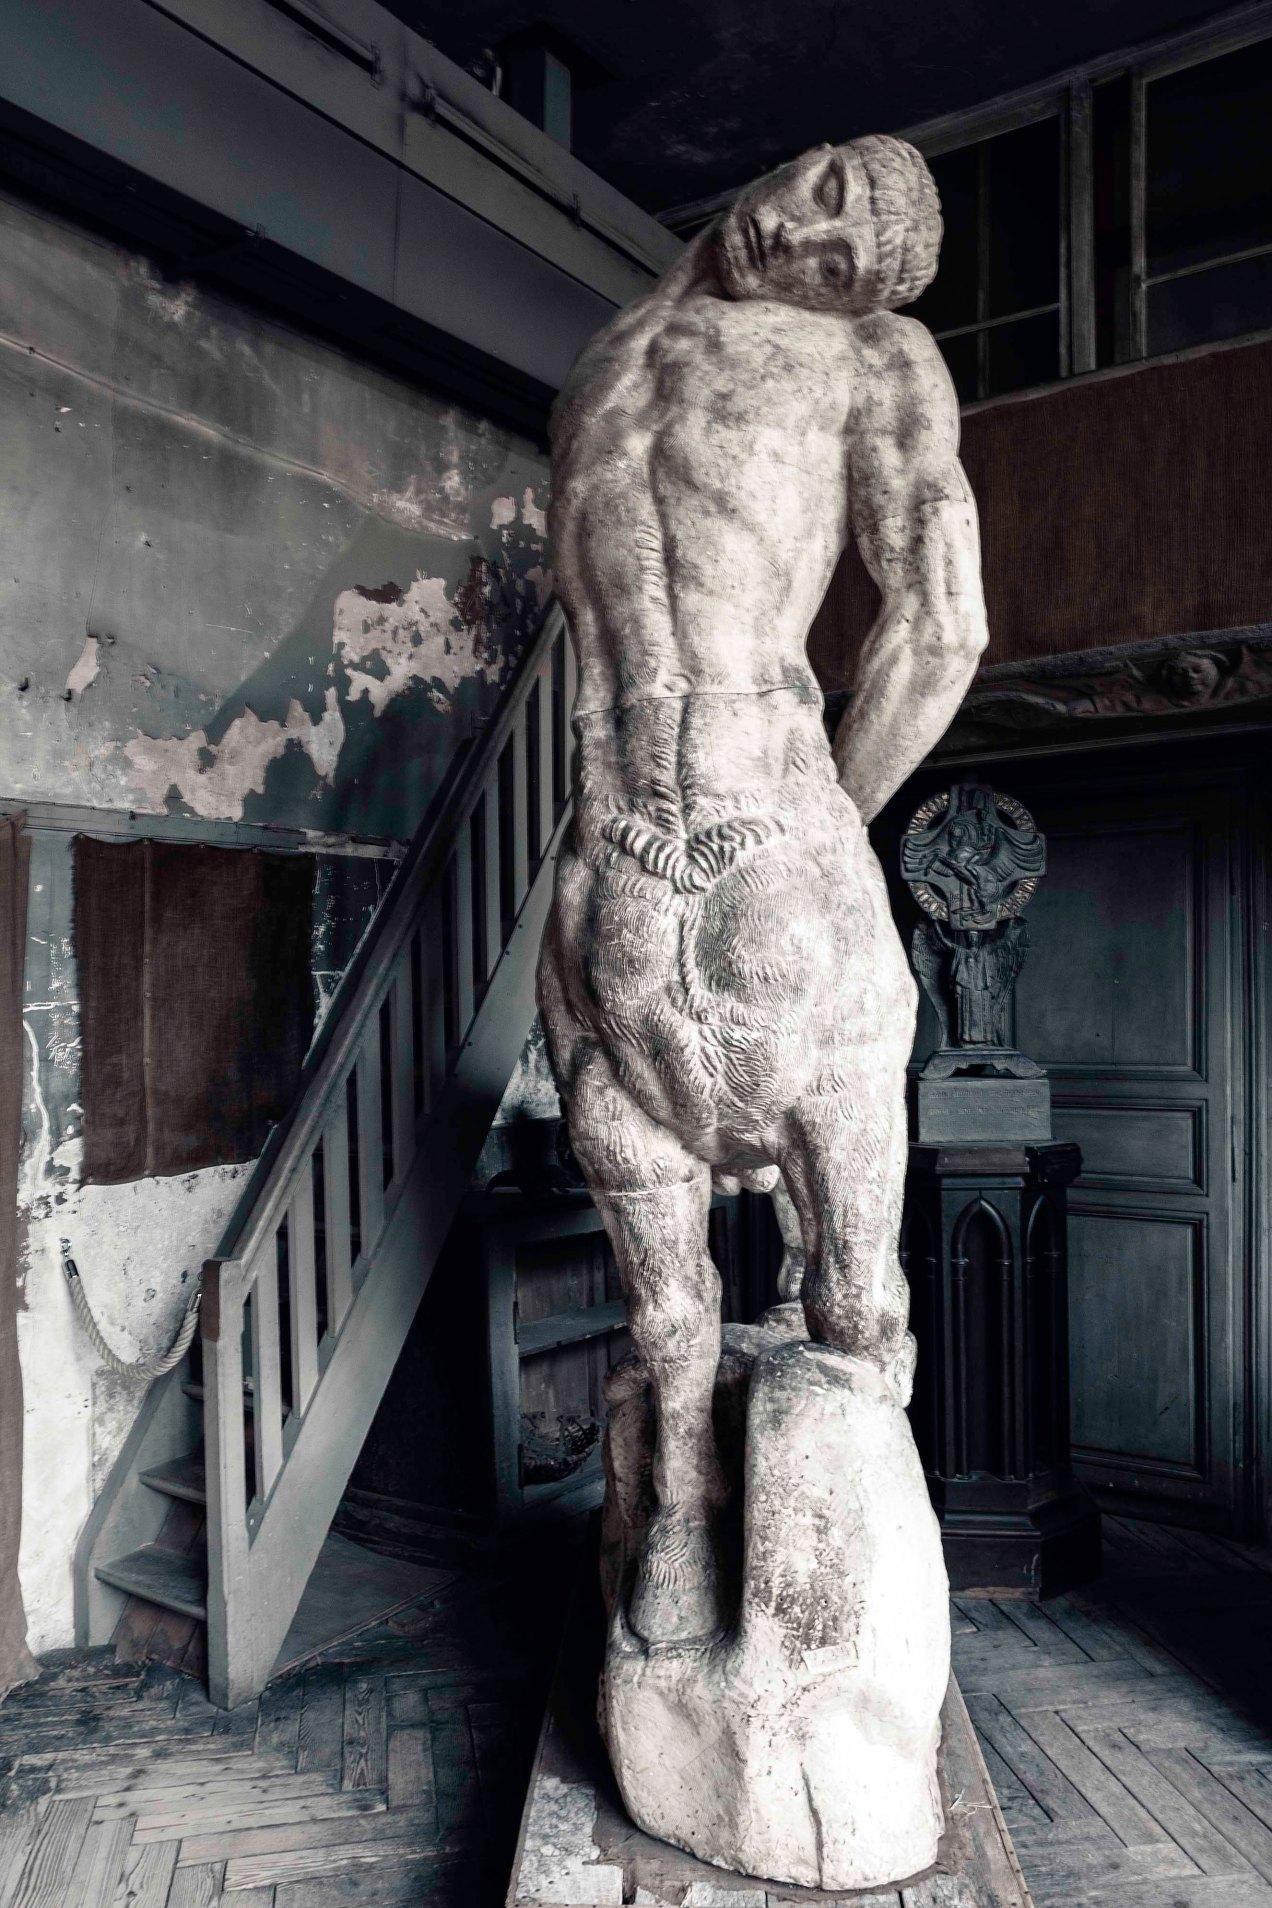 Musée Bourdelle, le centaure mourant, gildalliere, 2015